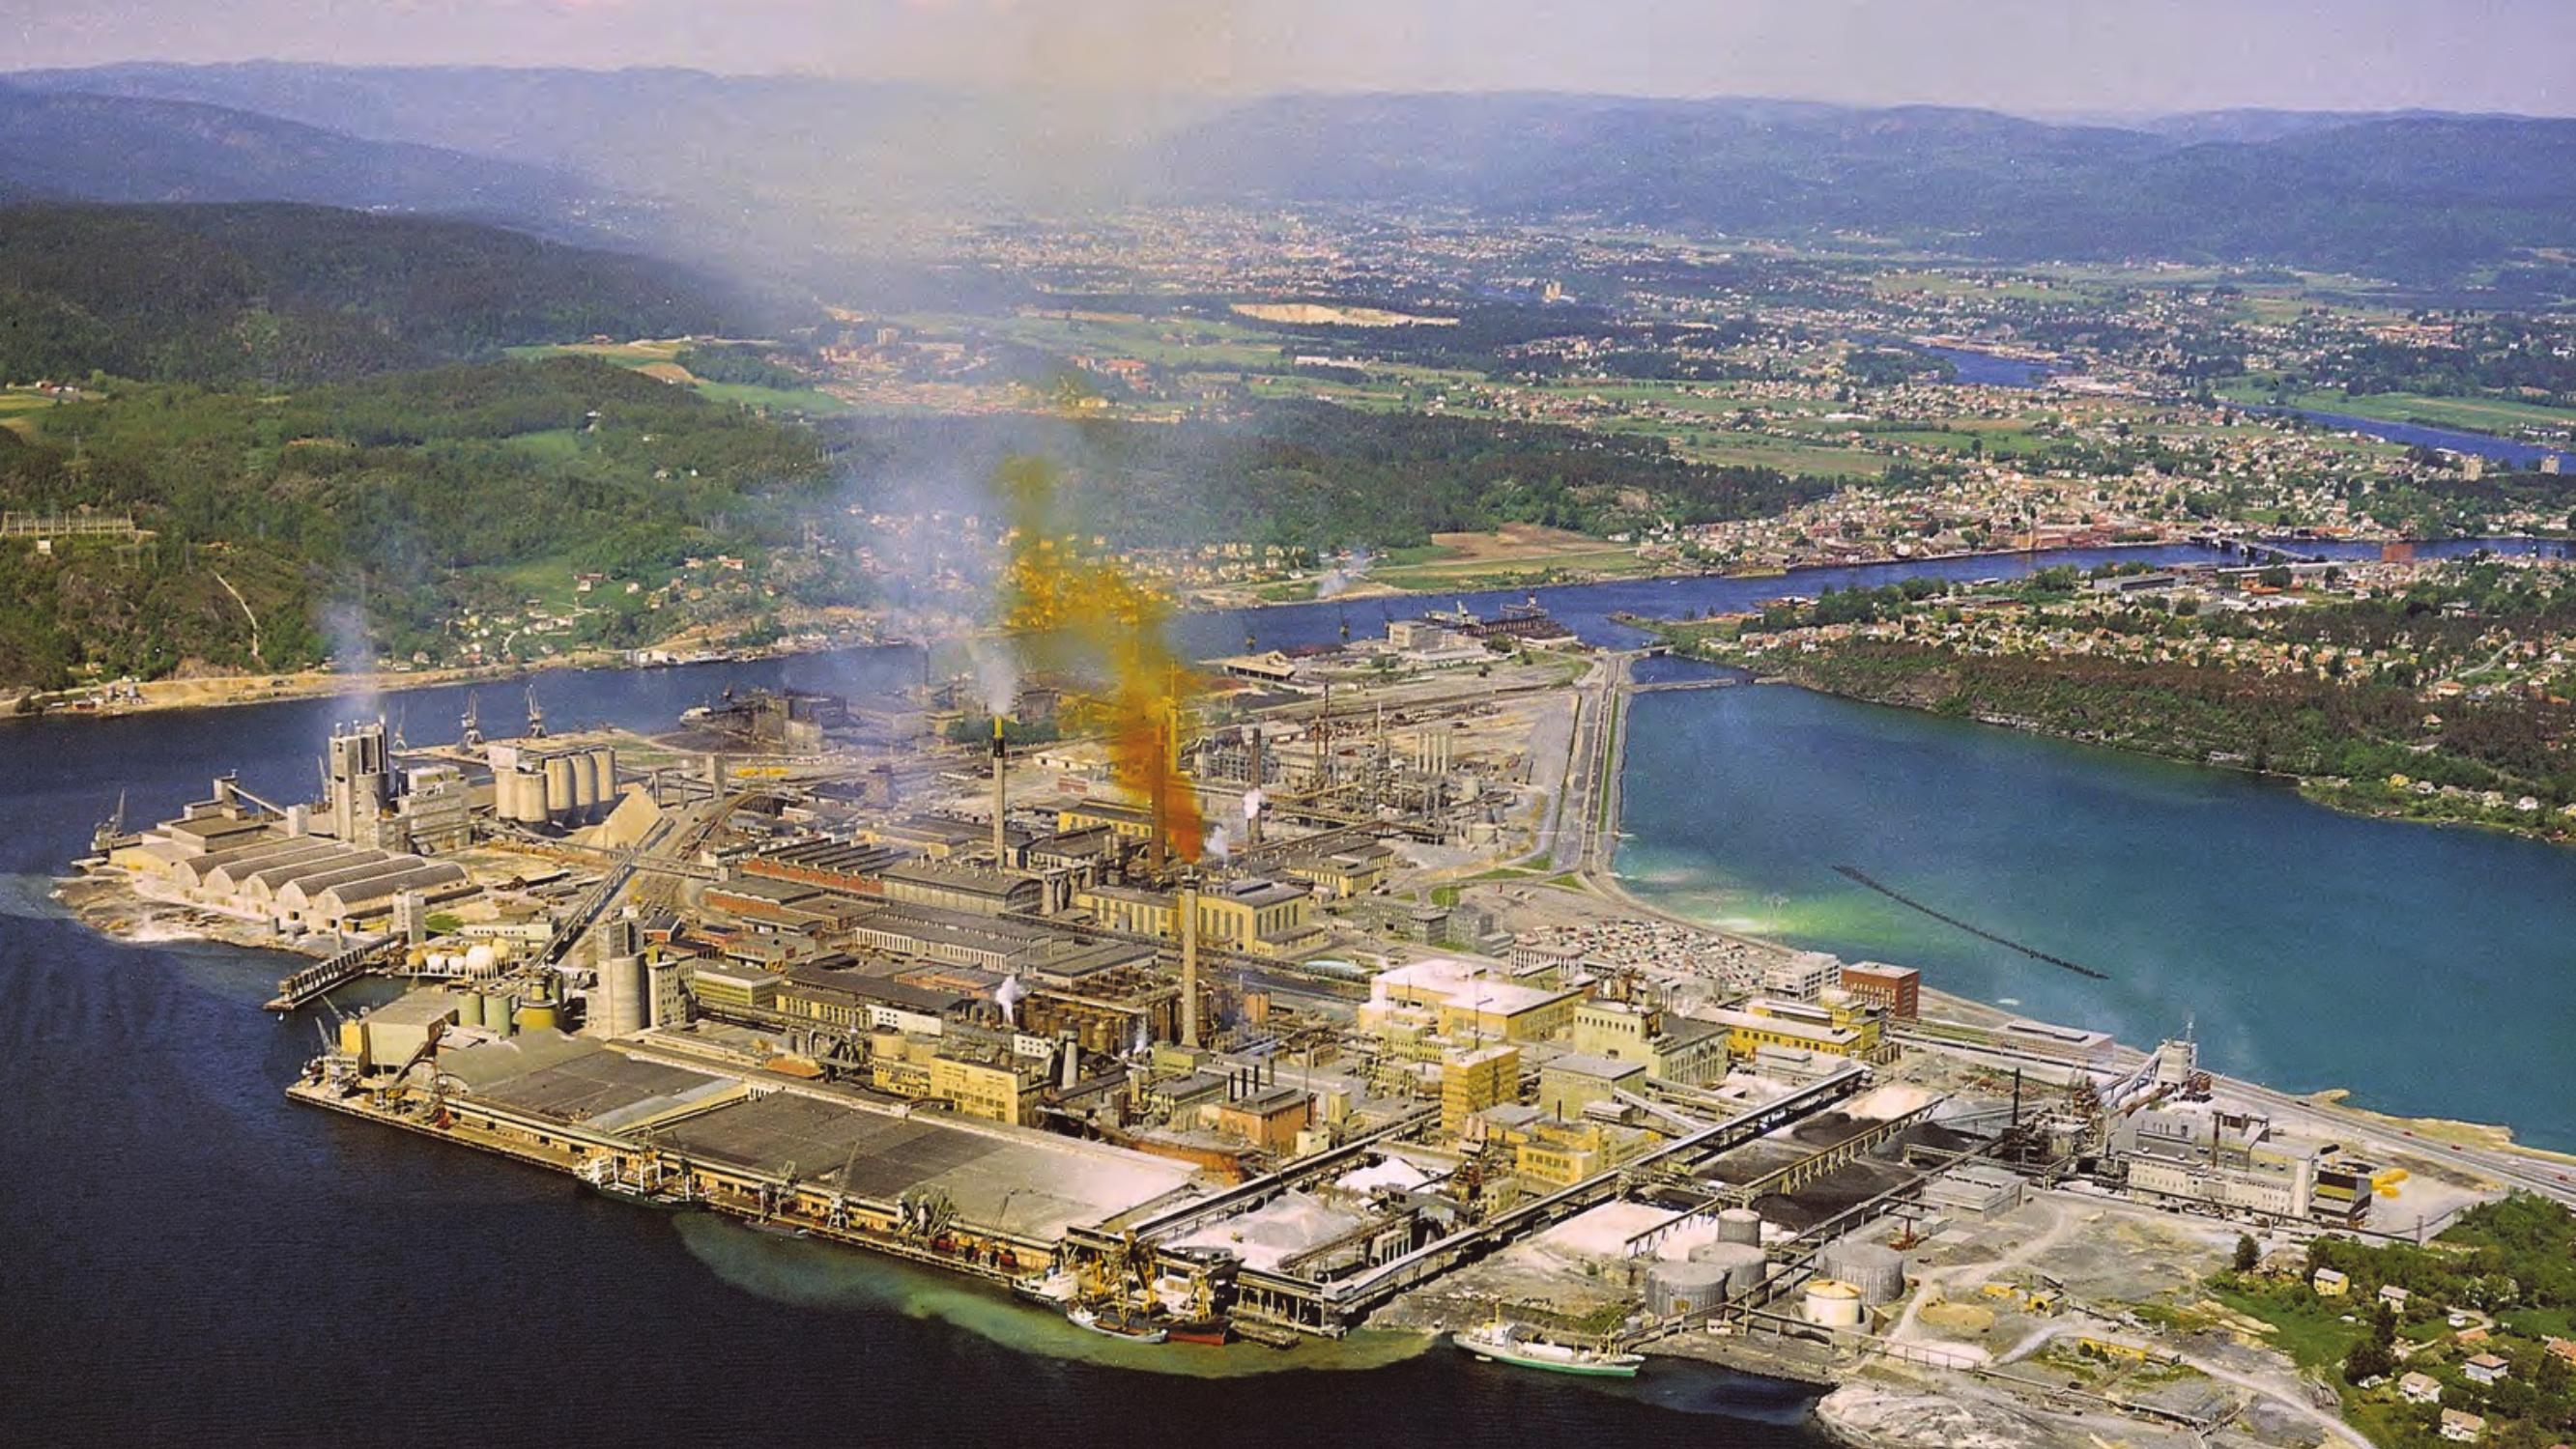 Utslipp fra Norsk Hydro på 1970-tallet